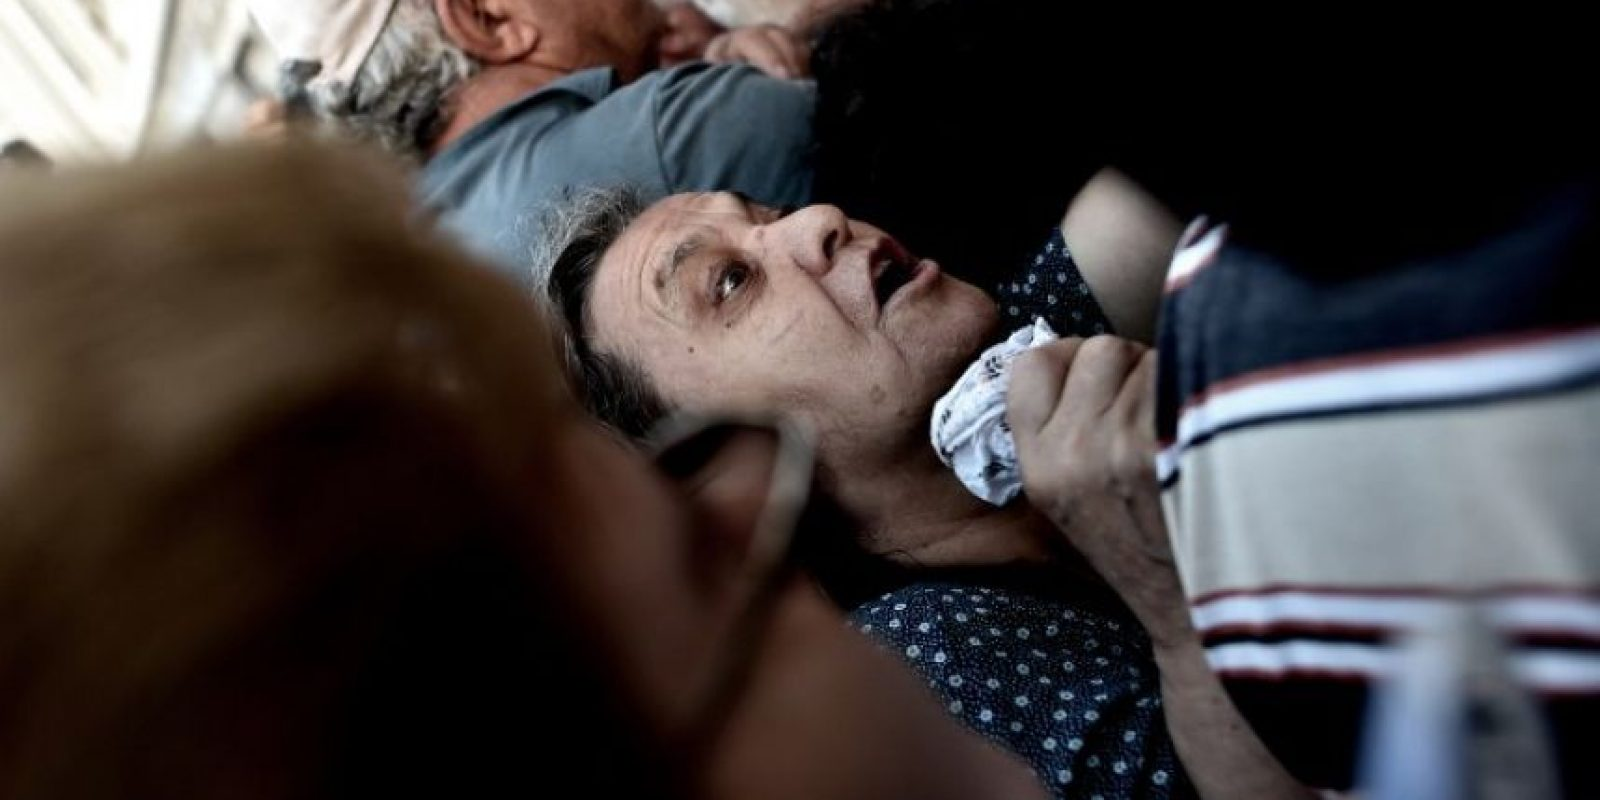 Durante este día, los pensionados griegos acudieron a cobrar sus pensiones Foto:AFP